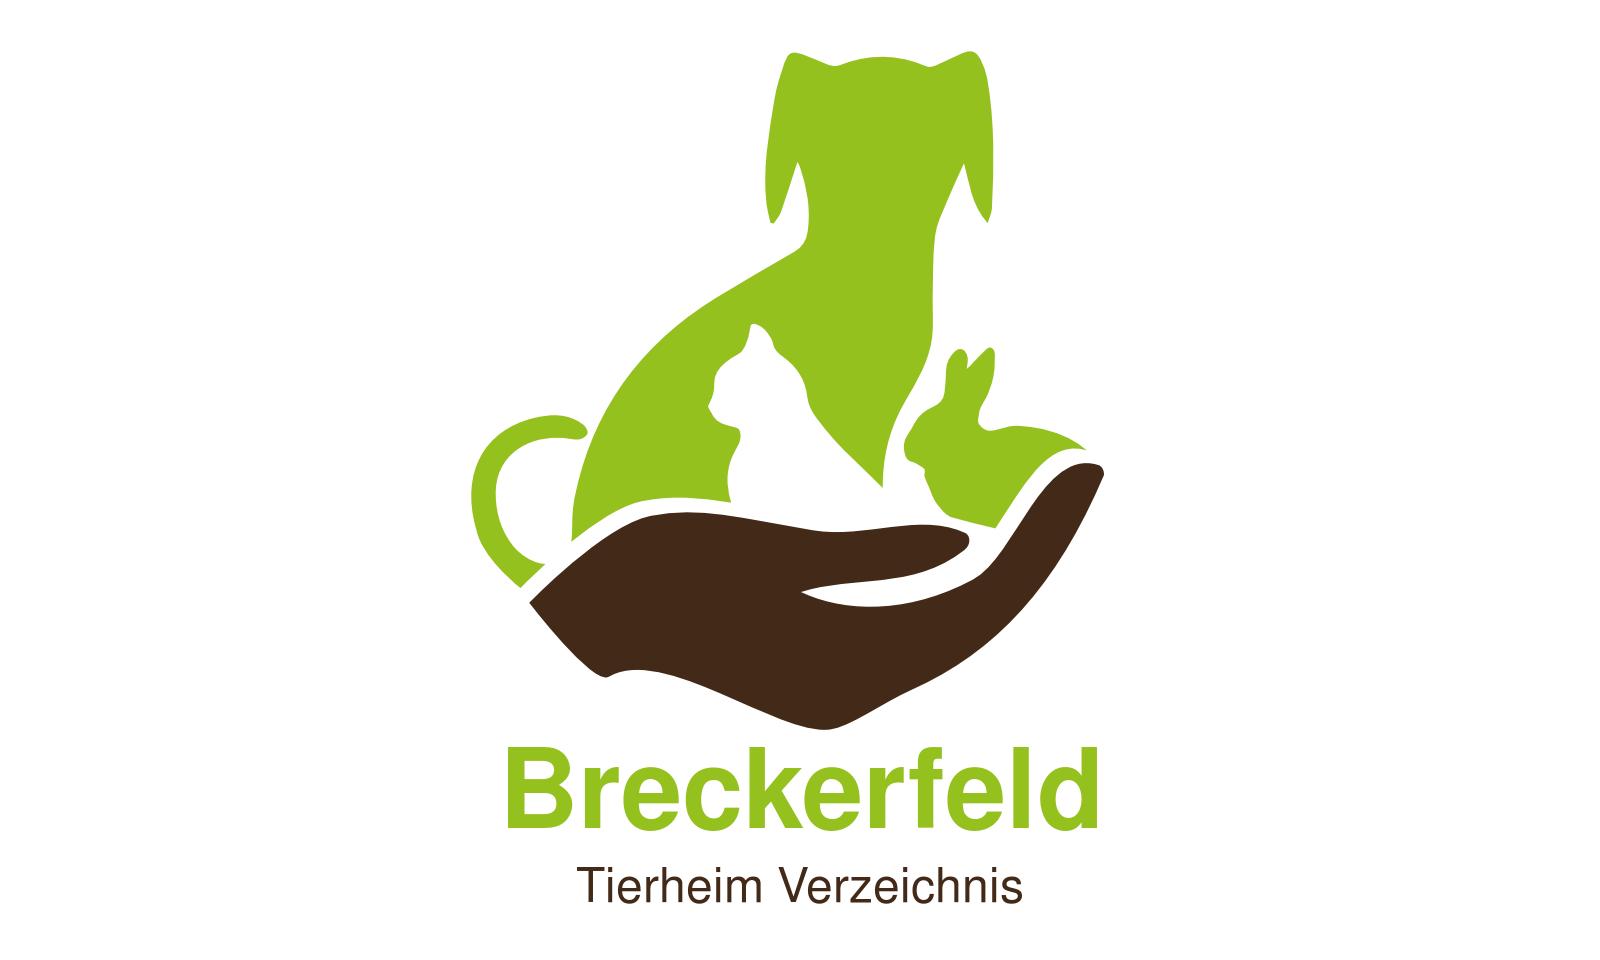 Tierheim Breckerfeld